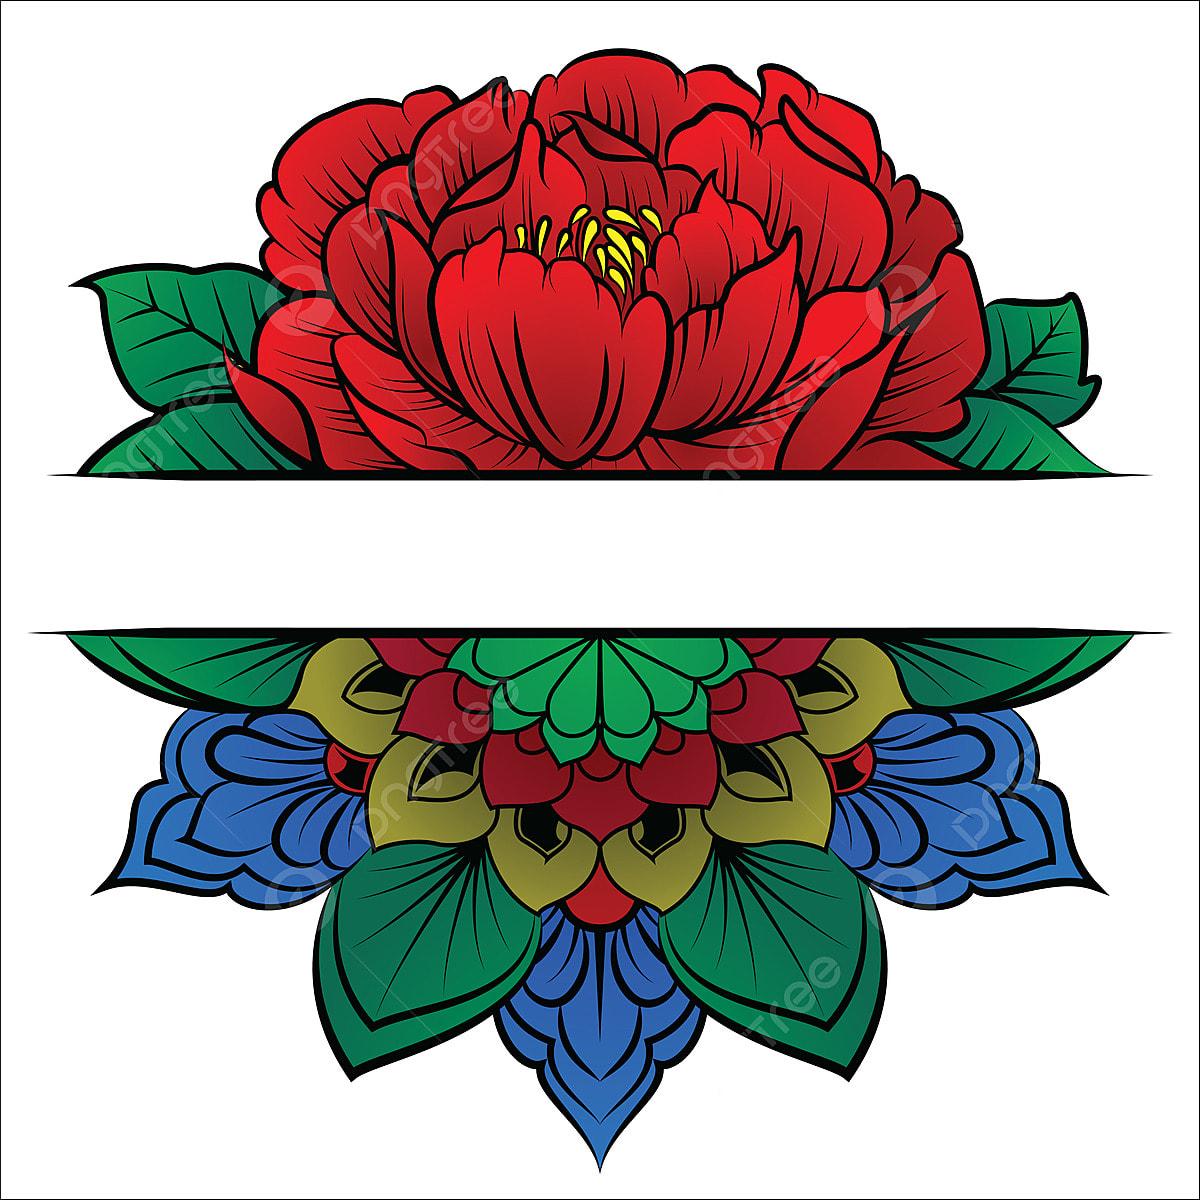 Rosa Com Chamas Tribais Para Tatuagem Ou T Shirt Design Tatuagem